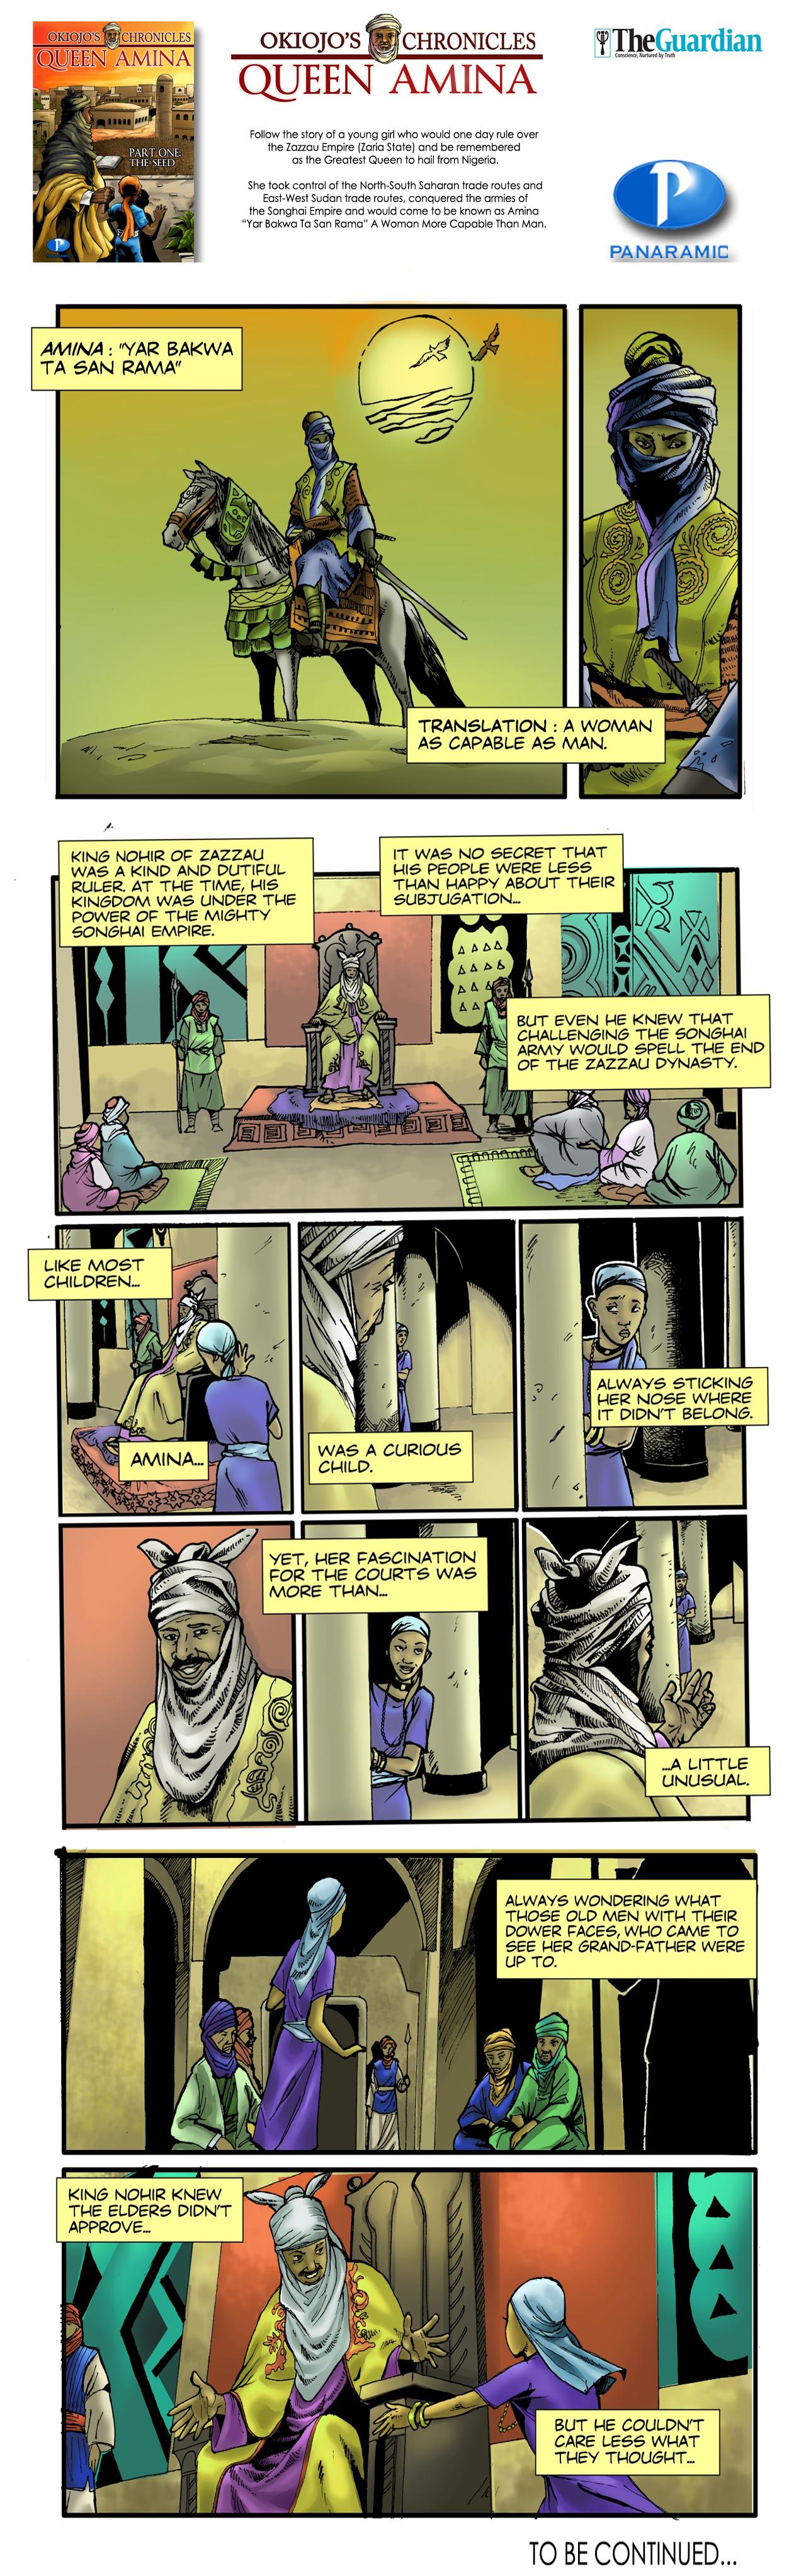 Queen Amina (Part 1) - 3